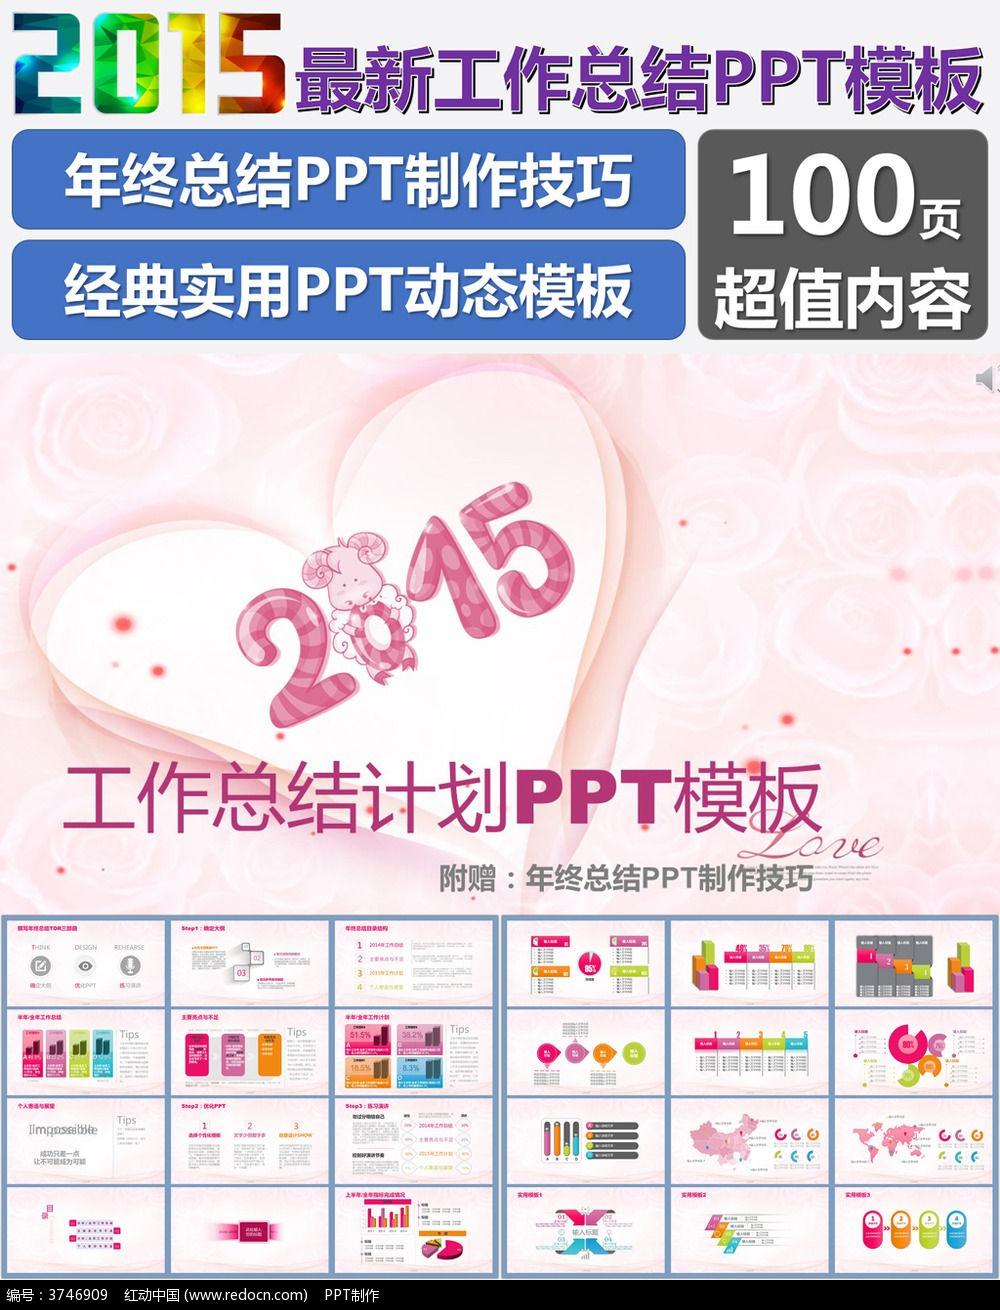 2015白领女性年终总结工作计划ppt模板